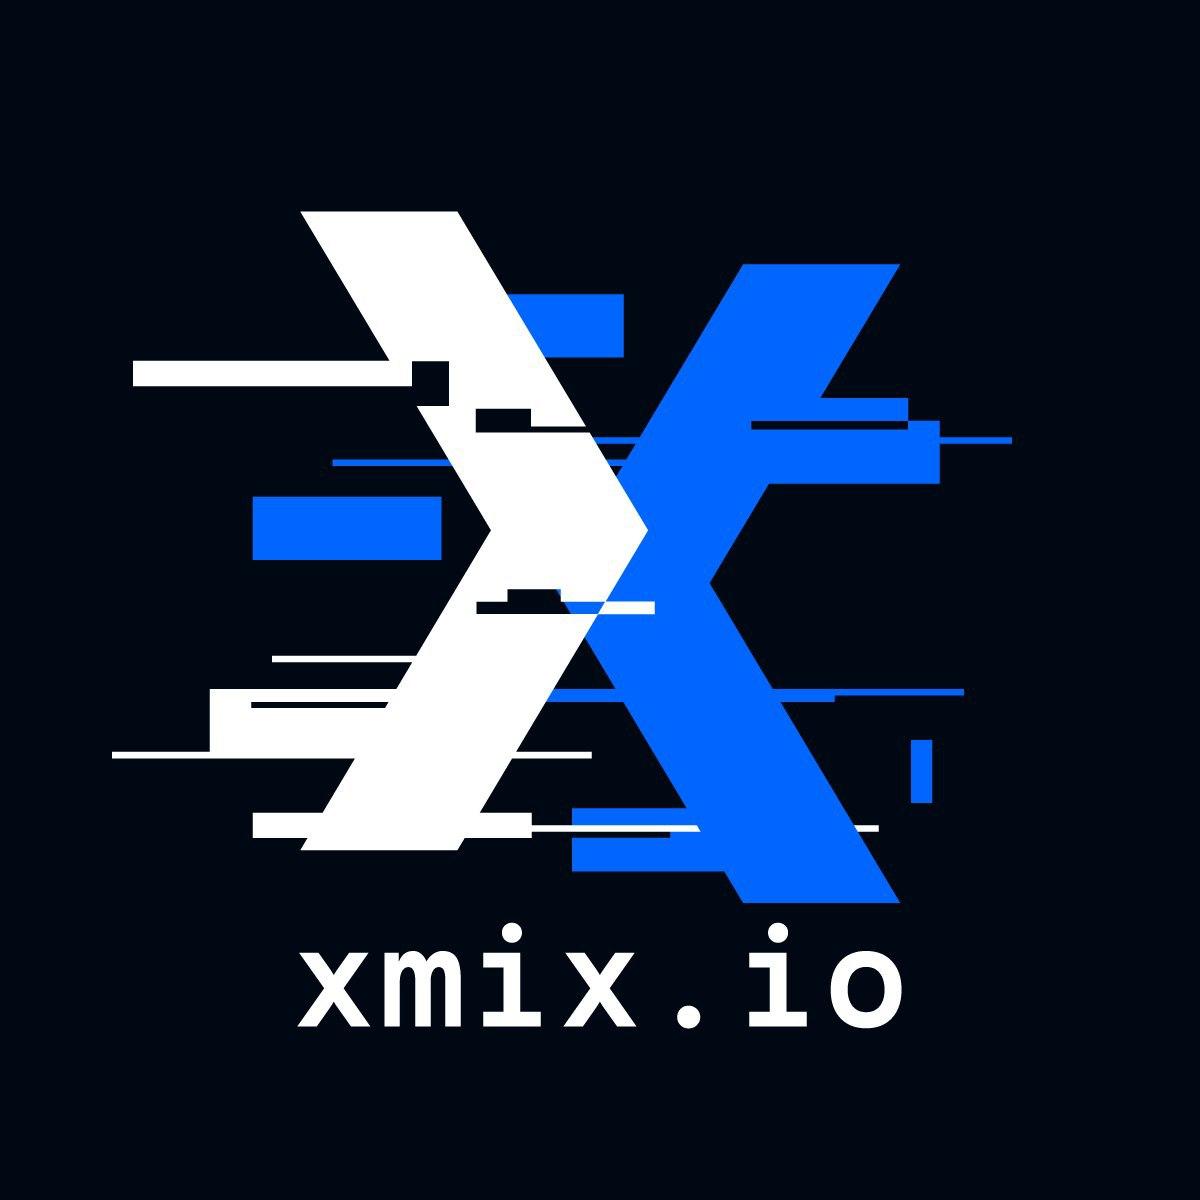 XMIX logo